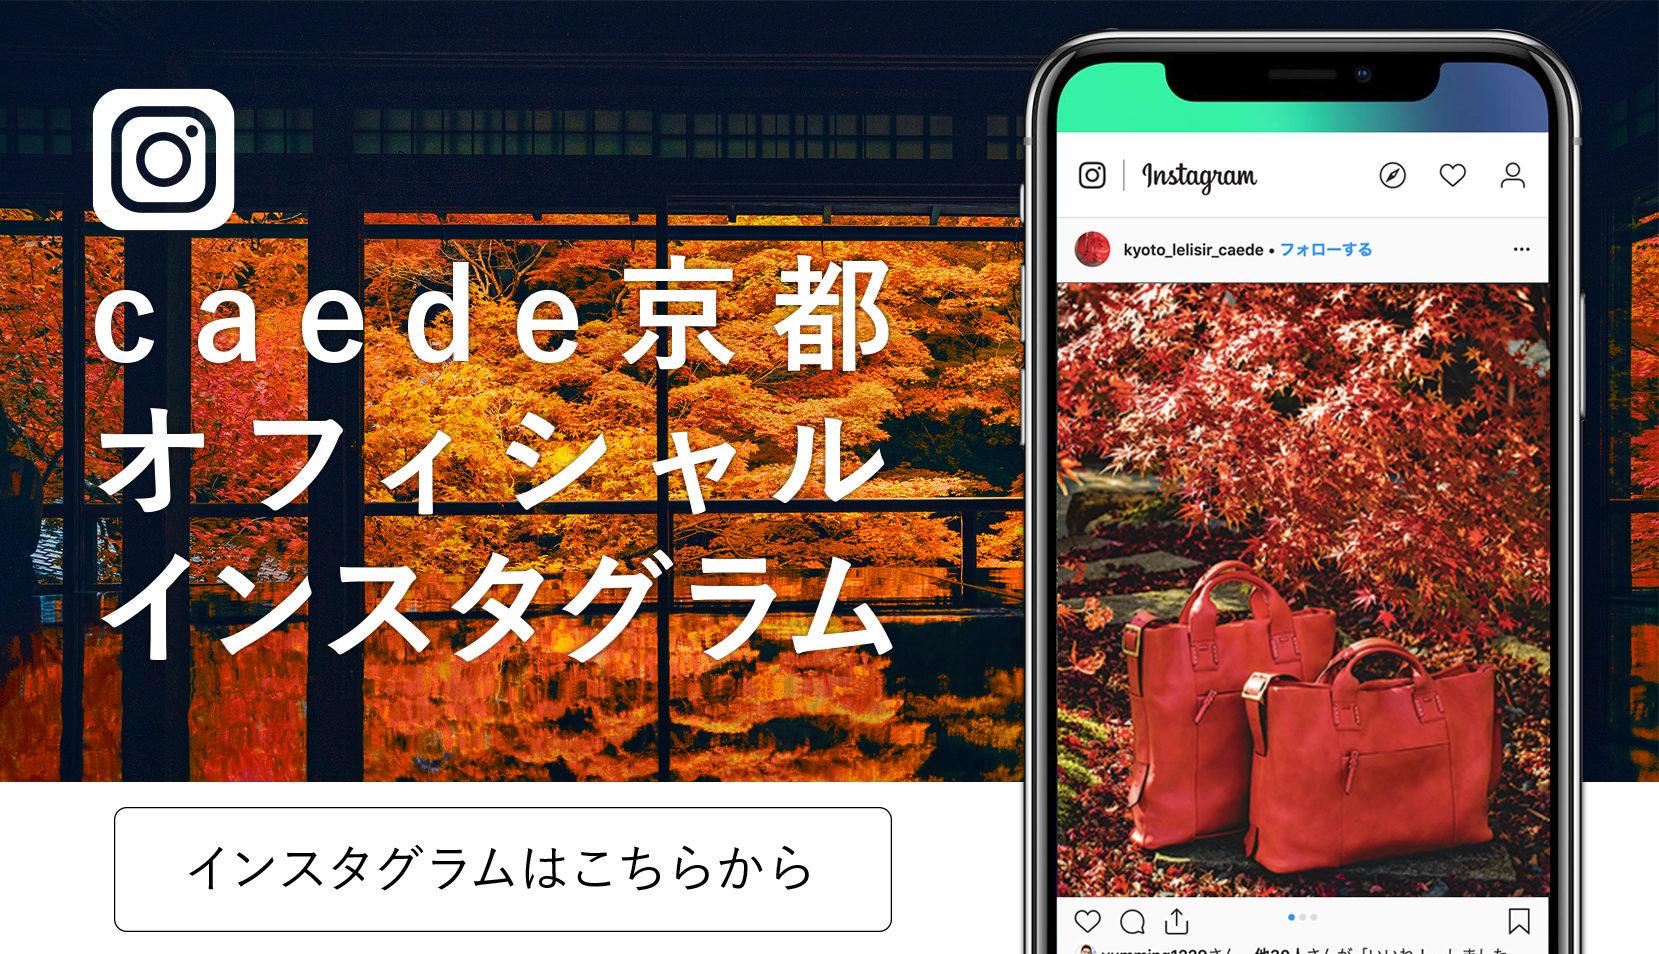 caede京都オフィシャルインスタグラム